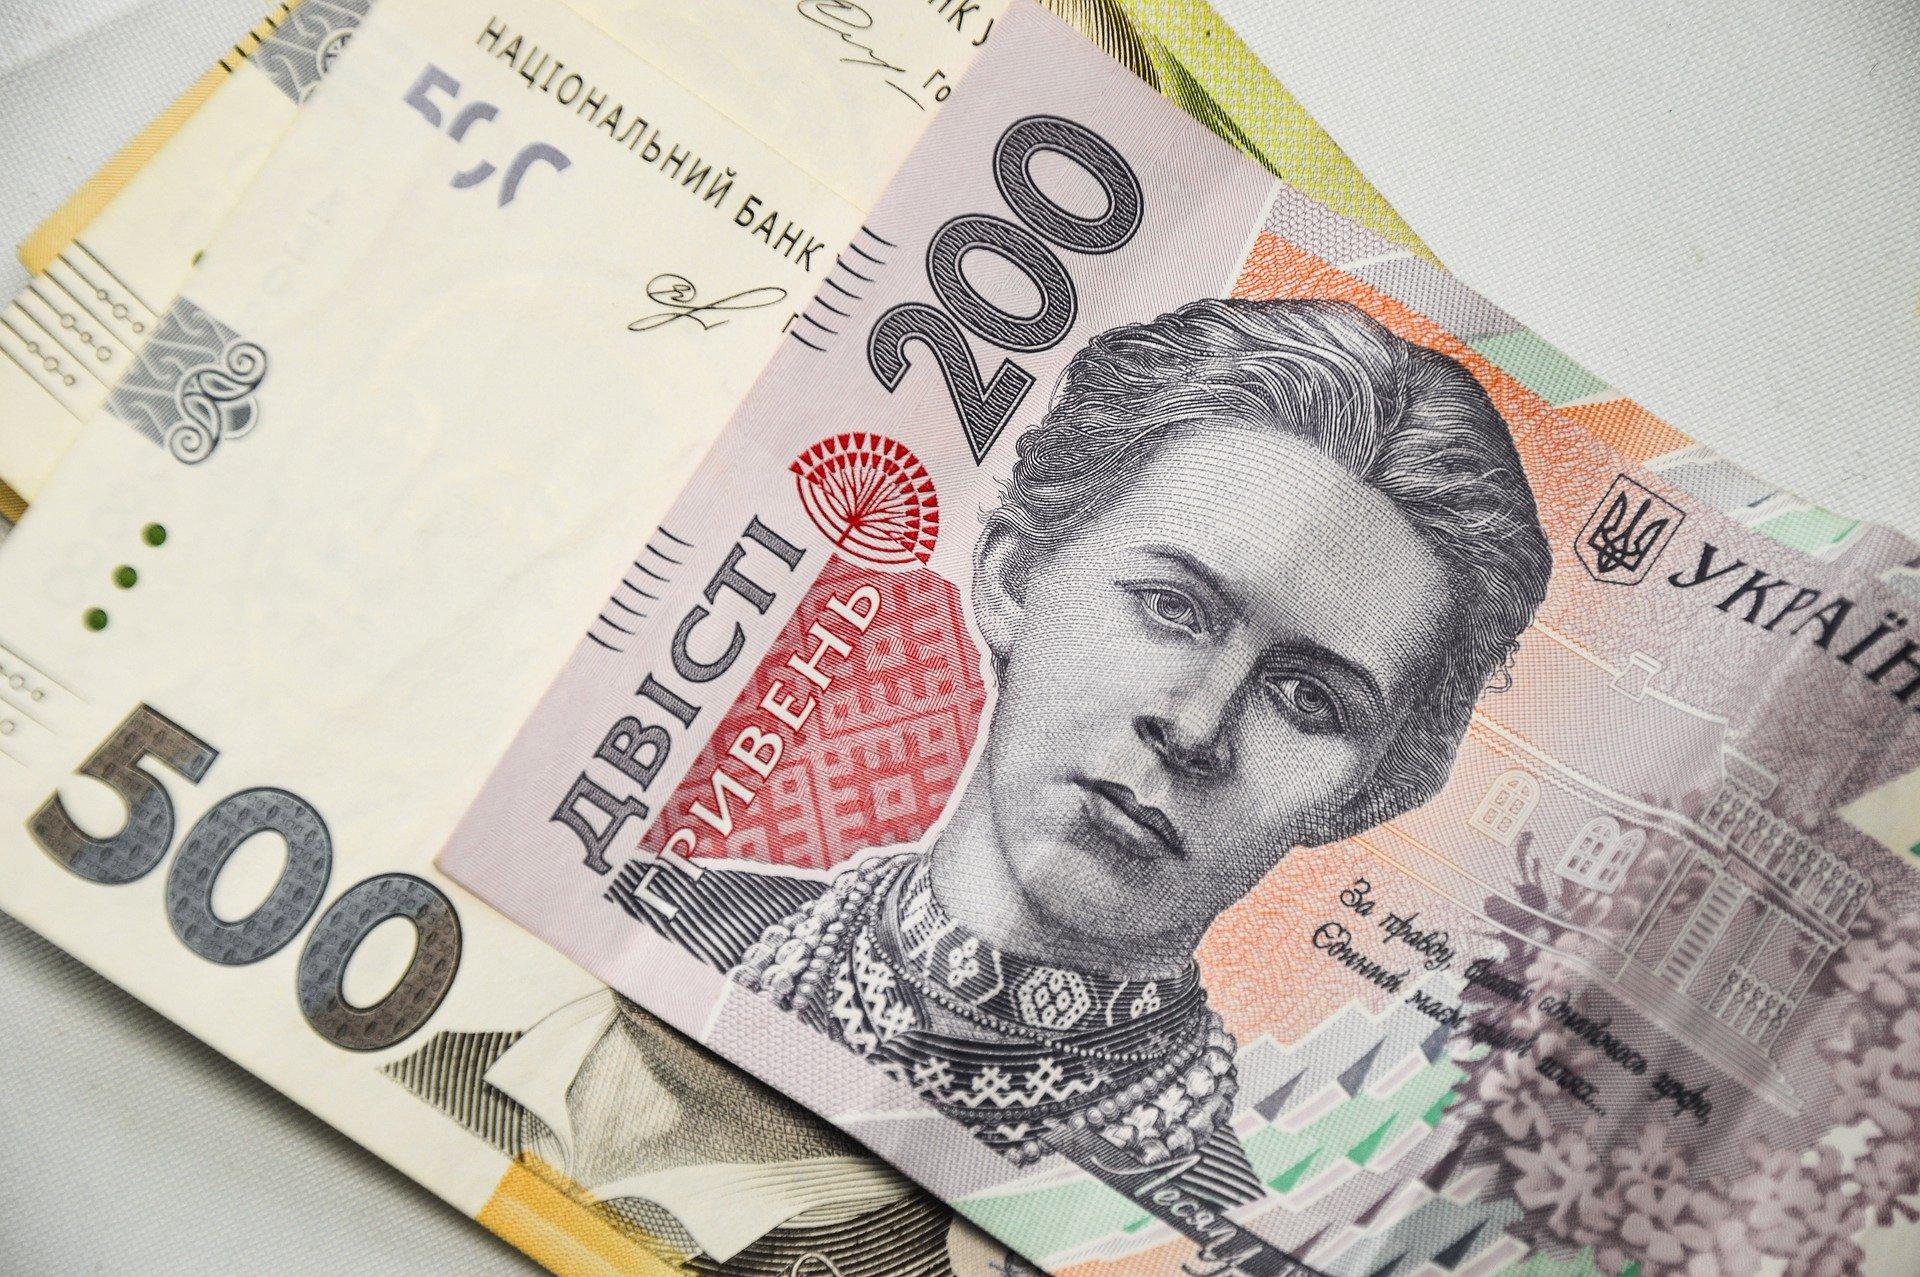 «Нібулон» сплатив понад 541 млн гривень податків